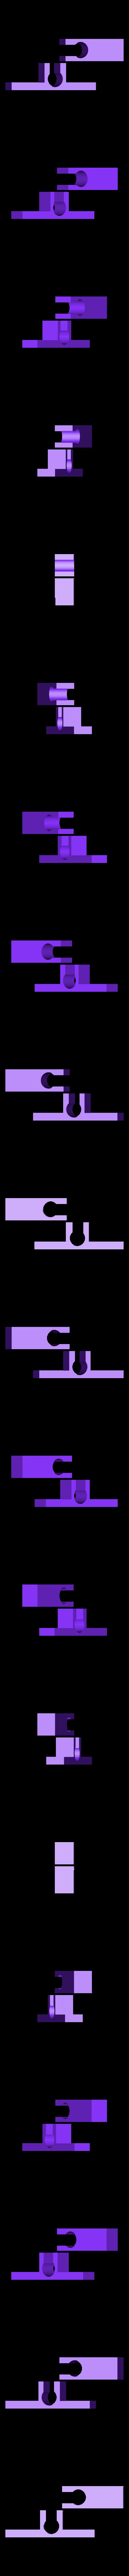 clips-13mm.stl Télécharger fichier STL gratuit La machine à bulles de bicyclette • Objet pour imprimante 3D, Istareyn